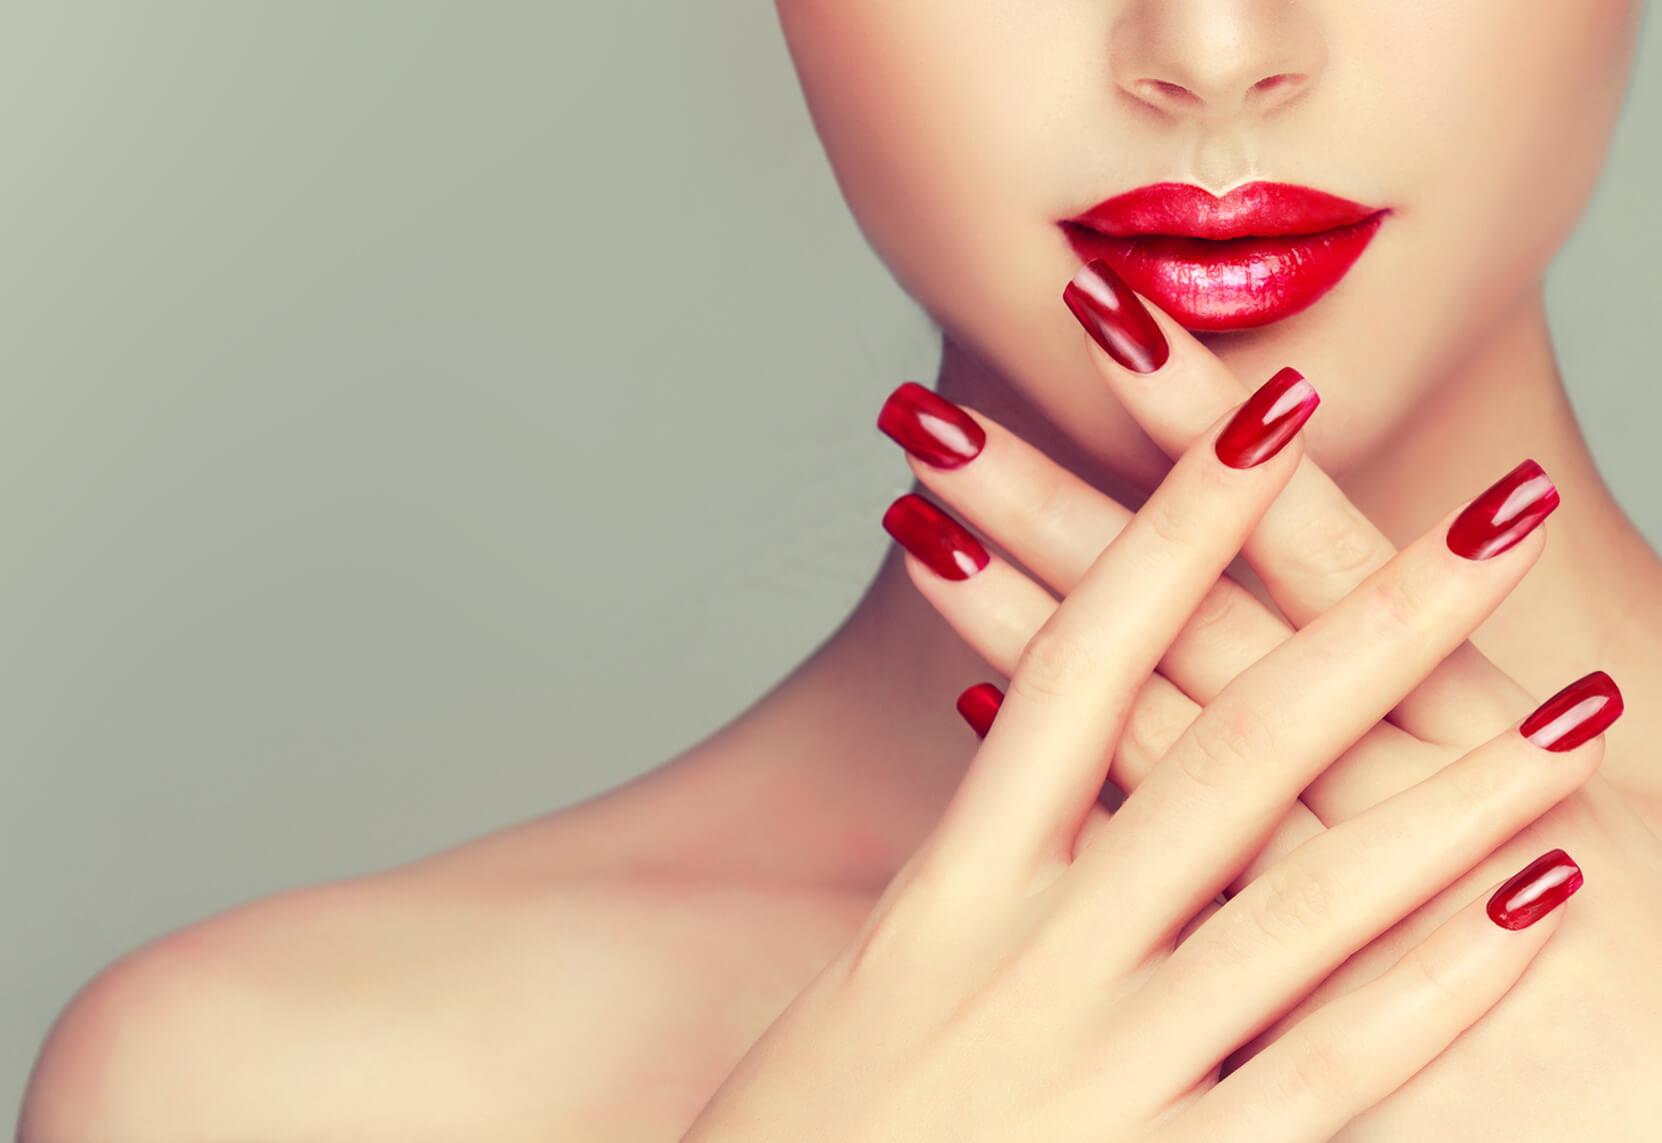 #Hand BeautyBar